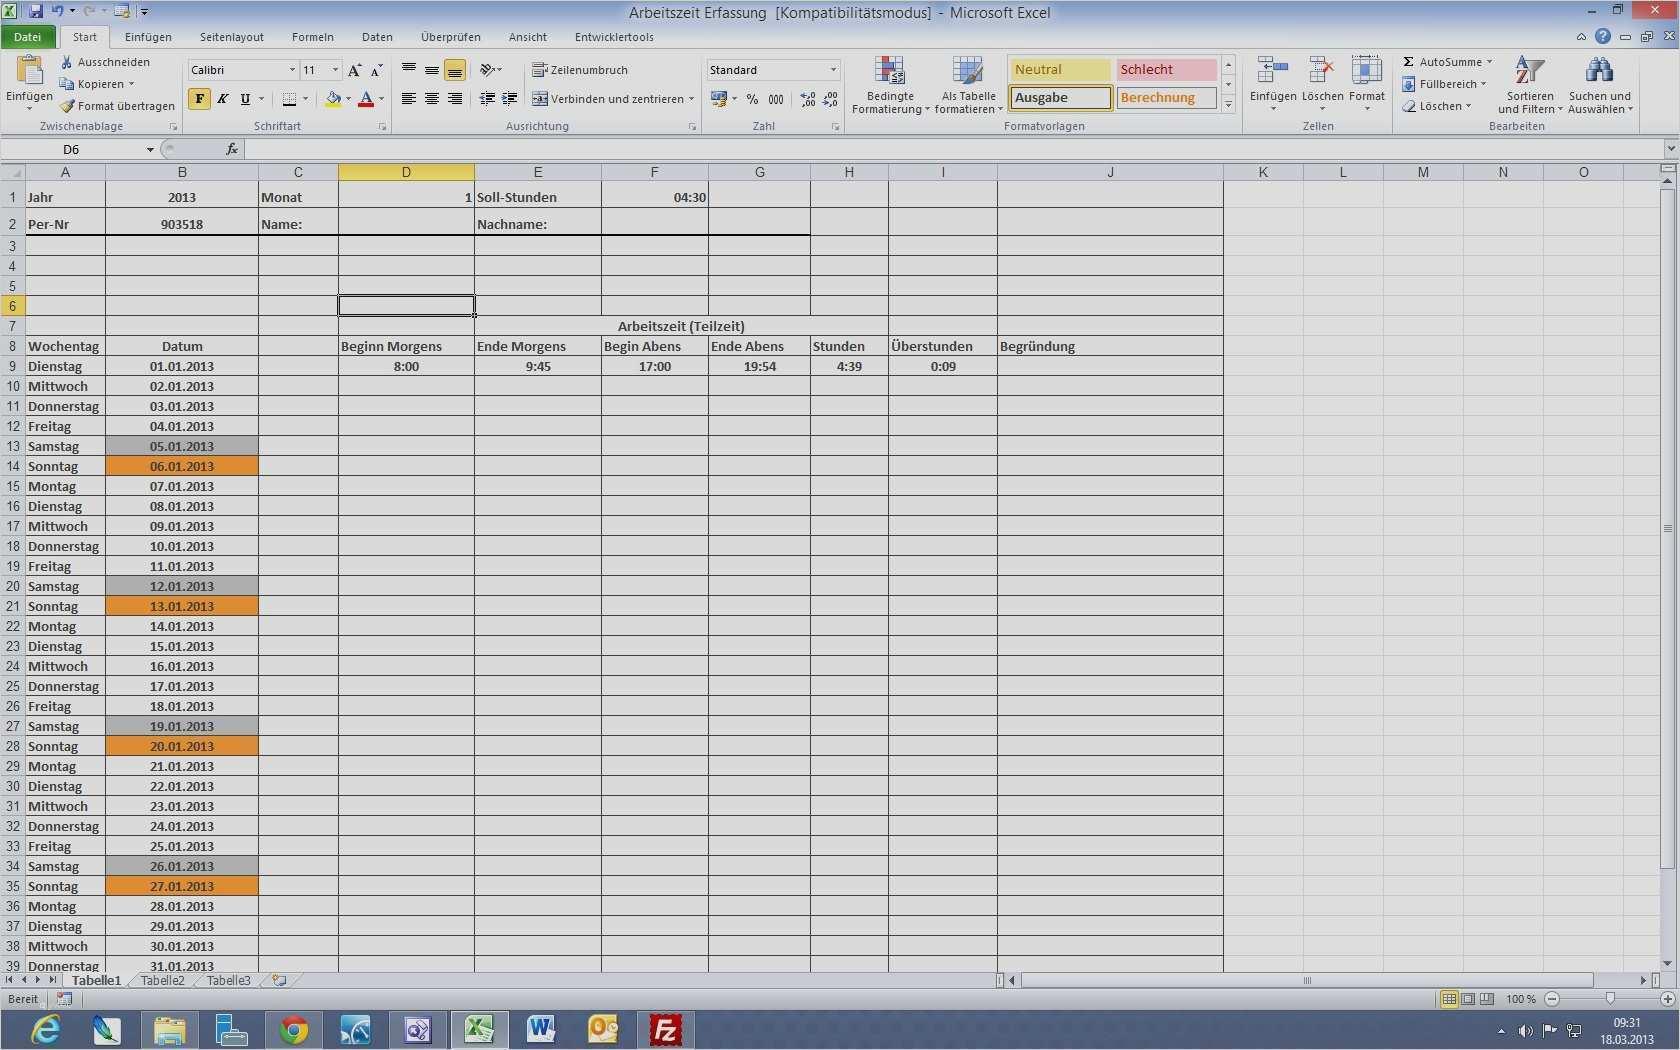 Wunderbar Dienstplan Vorlage Excel Praktisch 2